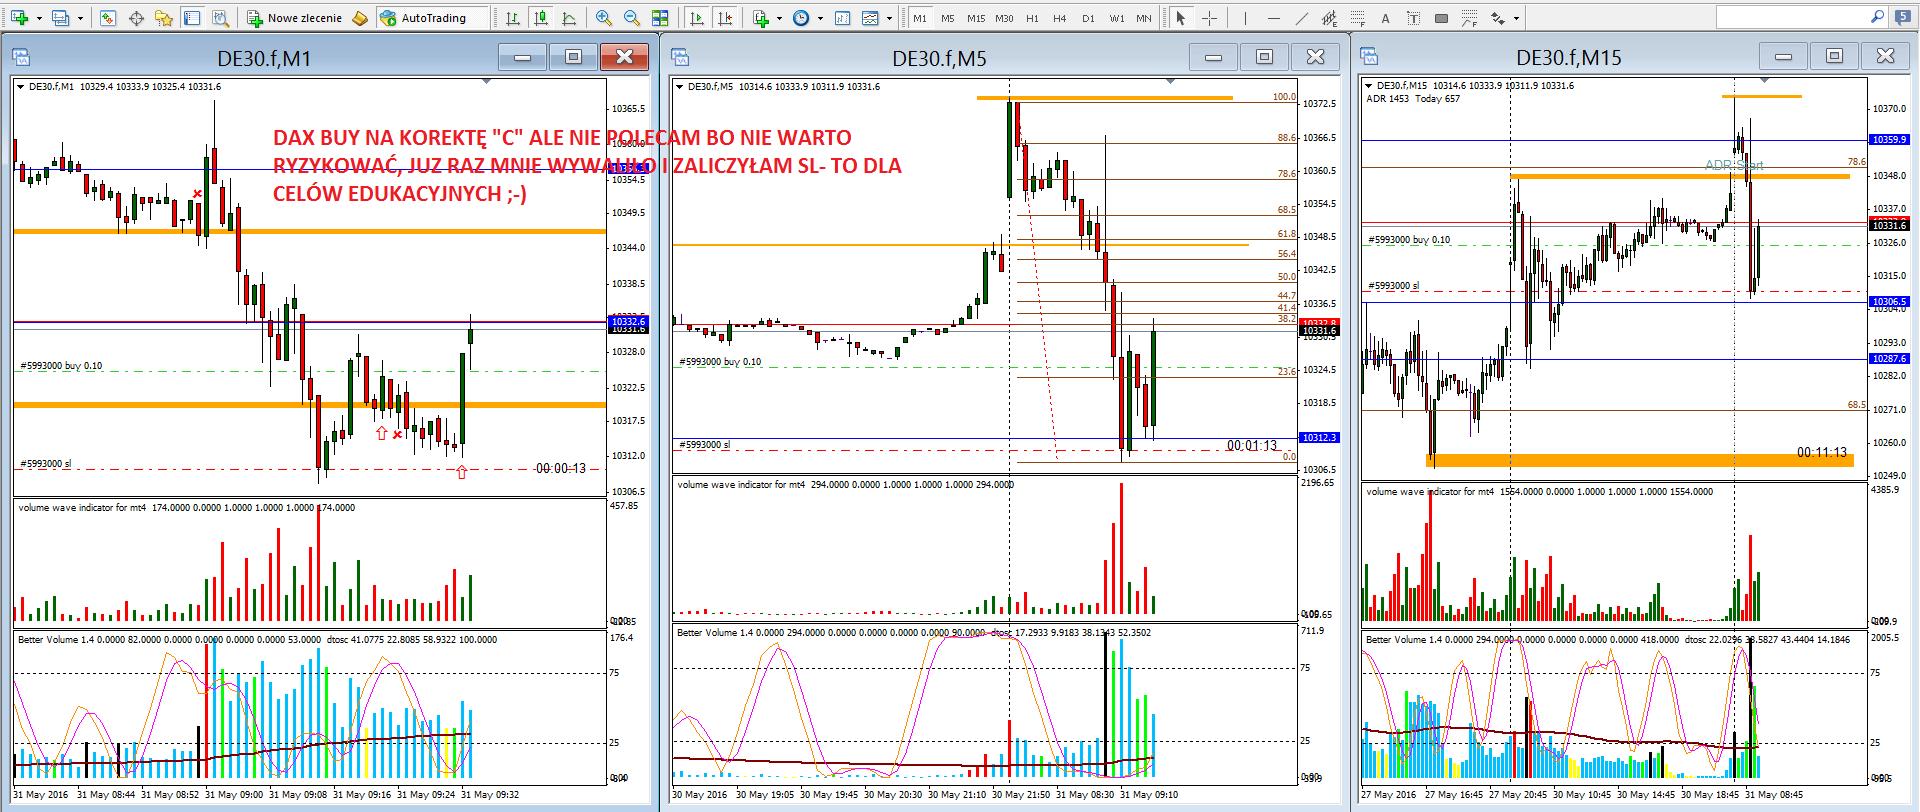 11-renko-scalping na renko-forex-skuteczna strategia-myforex-trader-trading-waluty-dax-prosta strategia tradingowa-broker-sukces-wolumen-vsa-świece japońskie-trading